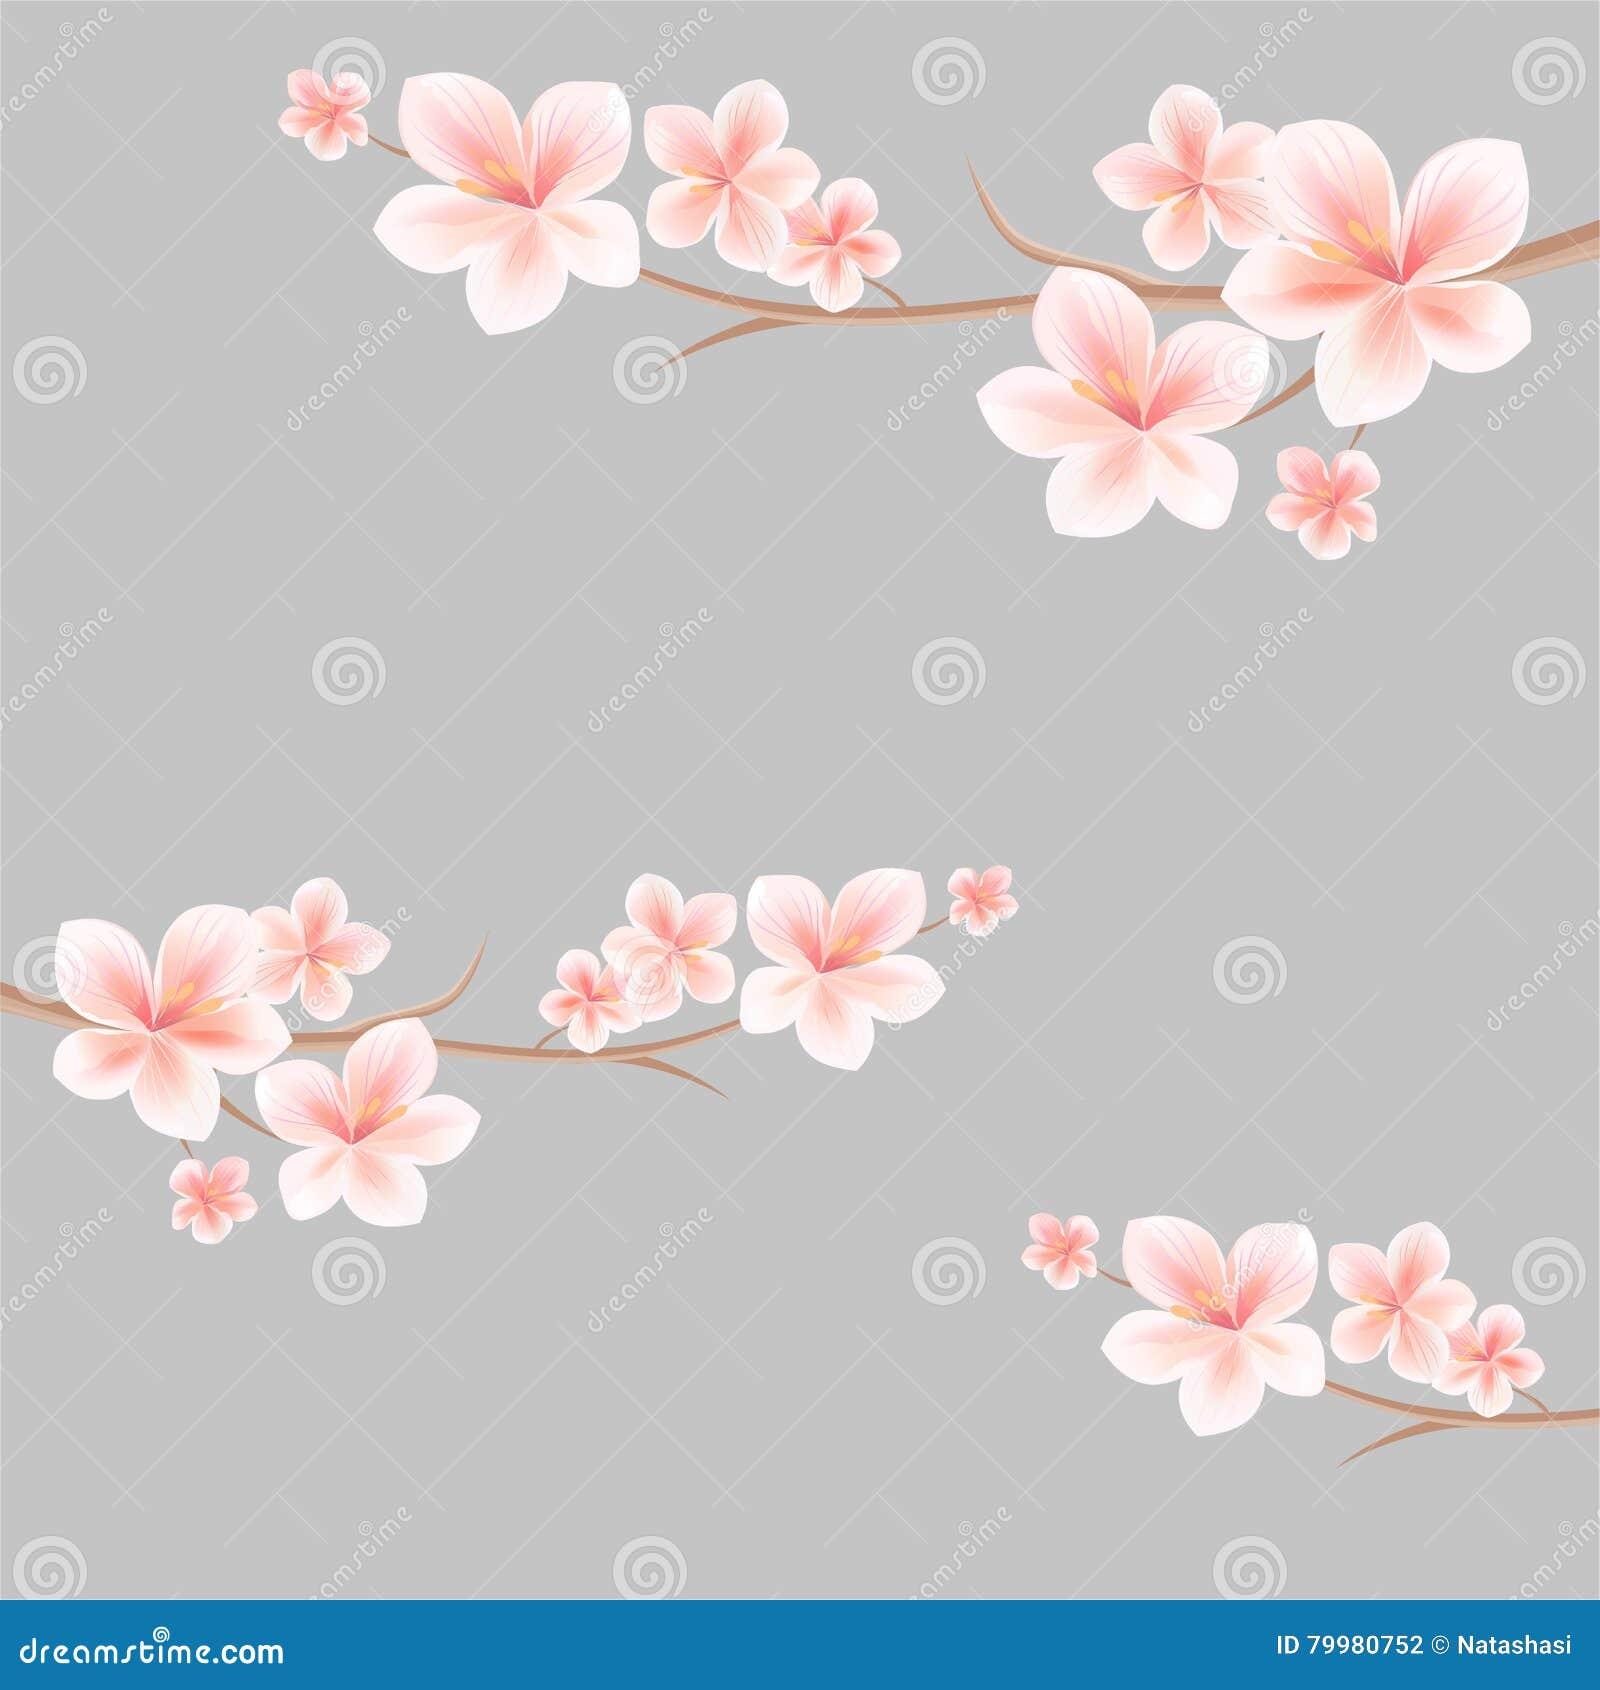 Κλάδοι του sakura με τα ανοικτό ροζ άσπρα λουλούδια στο ανοικτό γκρι υπόβαθρο Λουλούδια μήλο-δέντρων Άνθος κερασιών διάνυσμα